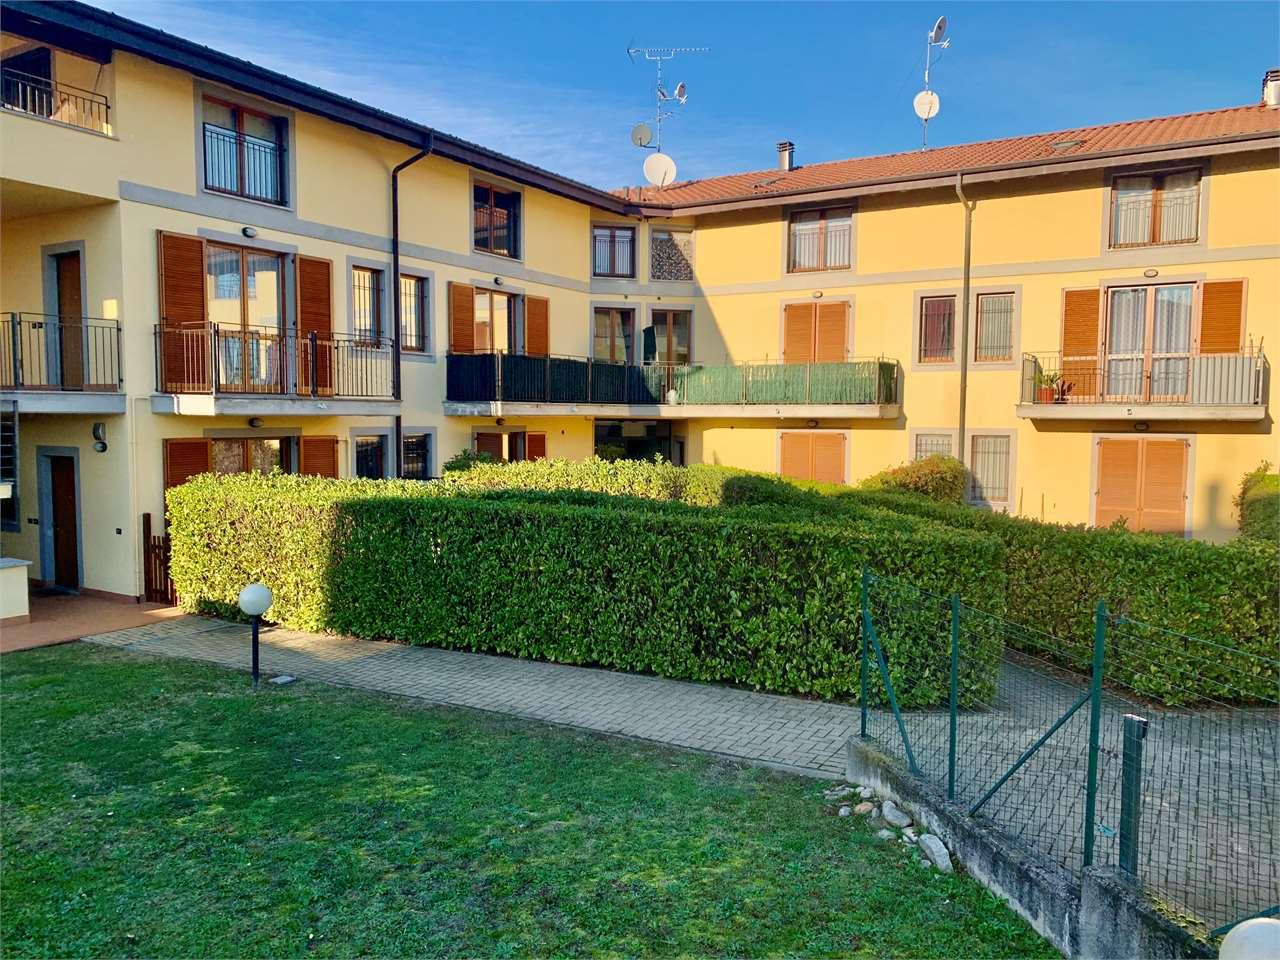 Appartamento in vendita a Vergiate, 3 locali, prezzo € 158.000 | CambioCasa.it